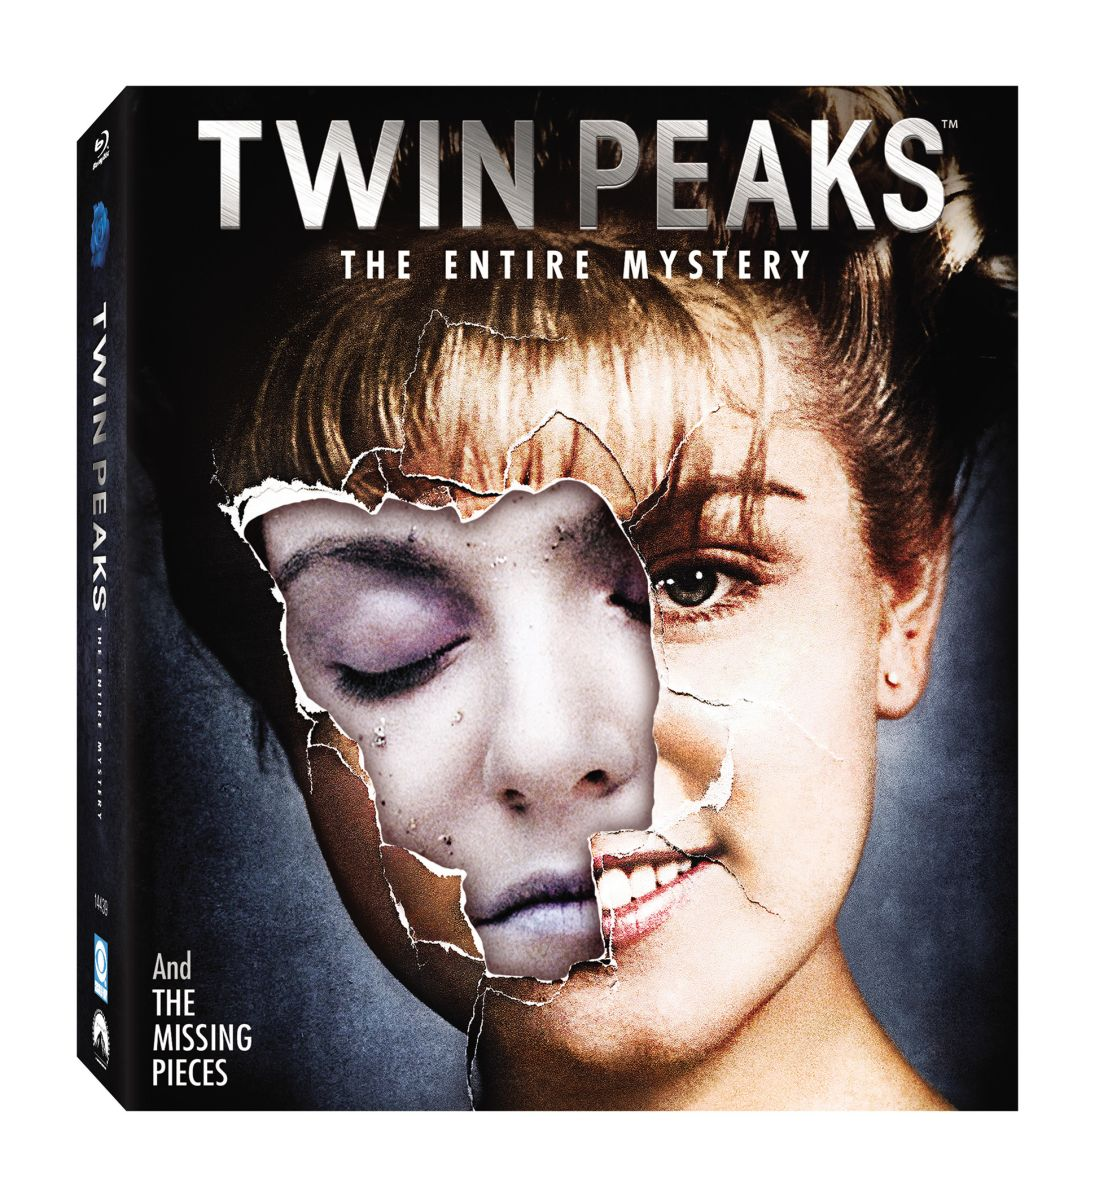 ツイン・ピークス 完全なる謎 Blu-ray BOX 【数量限定生産】【Blu-ray】 [ カイル・マクラクラン ]